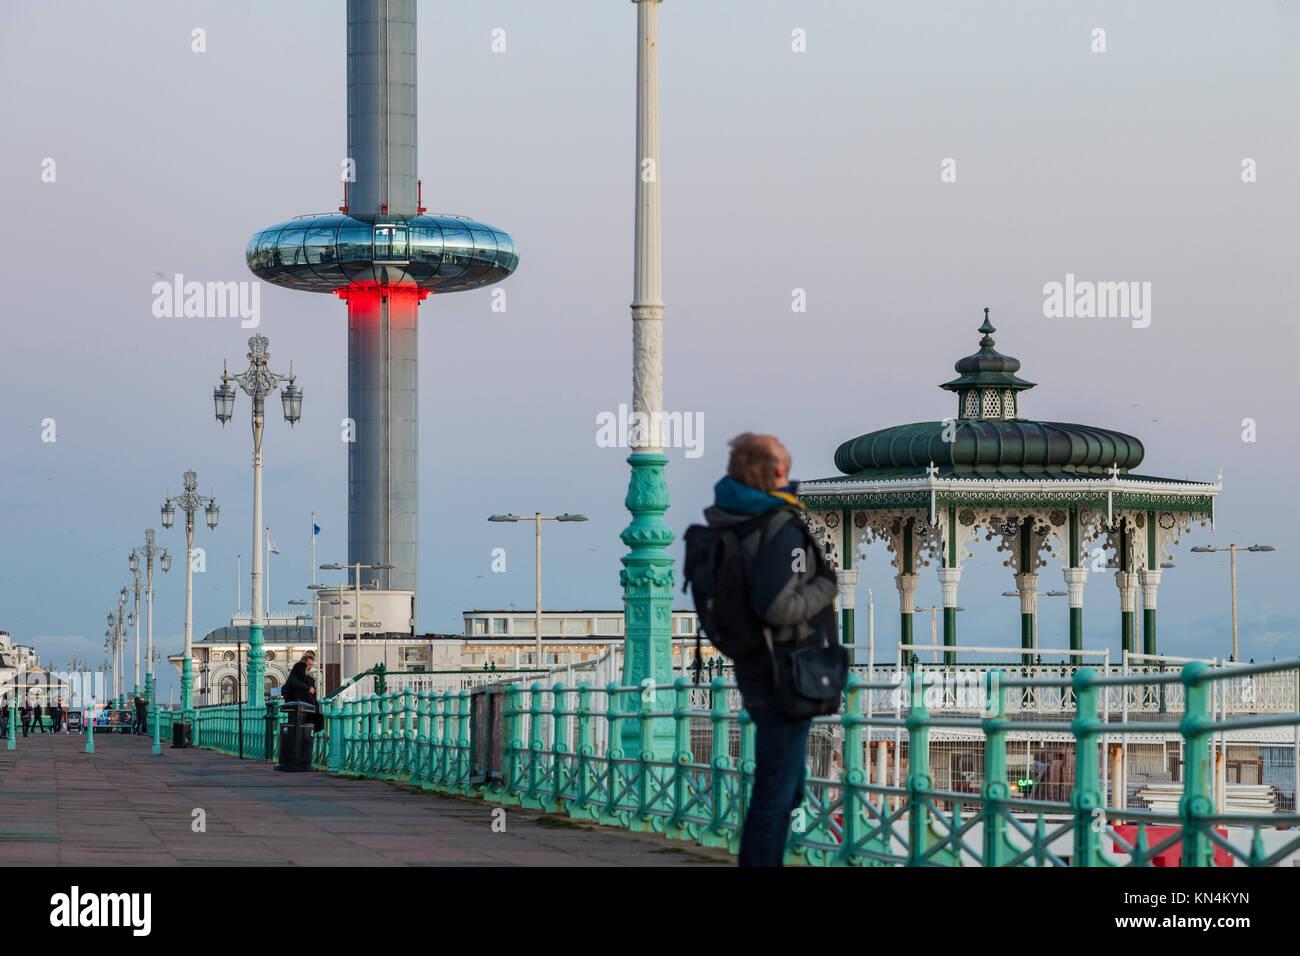 Soir sur le front de mer de Brighton, UK. Kiosque victorien et j360 tower au loin. Photo Stock